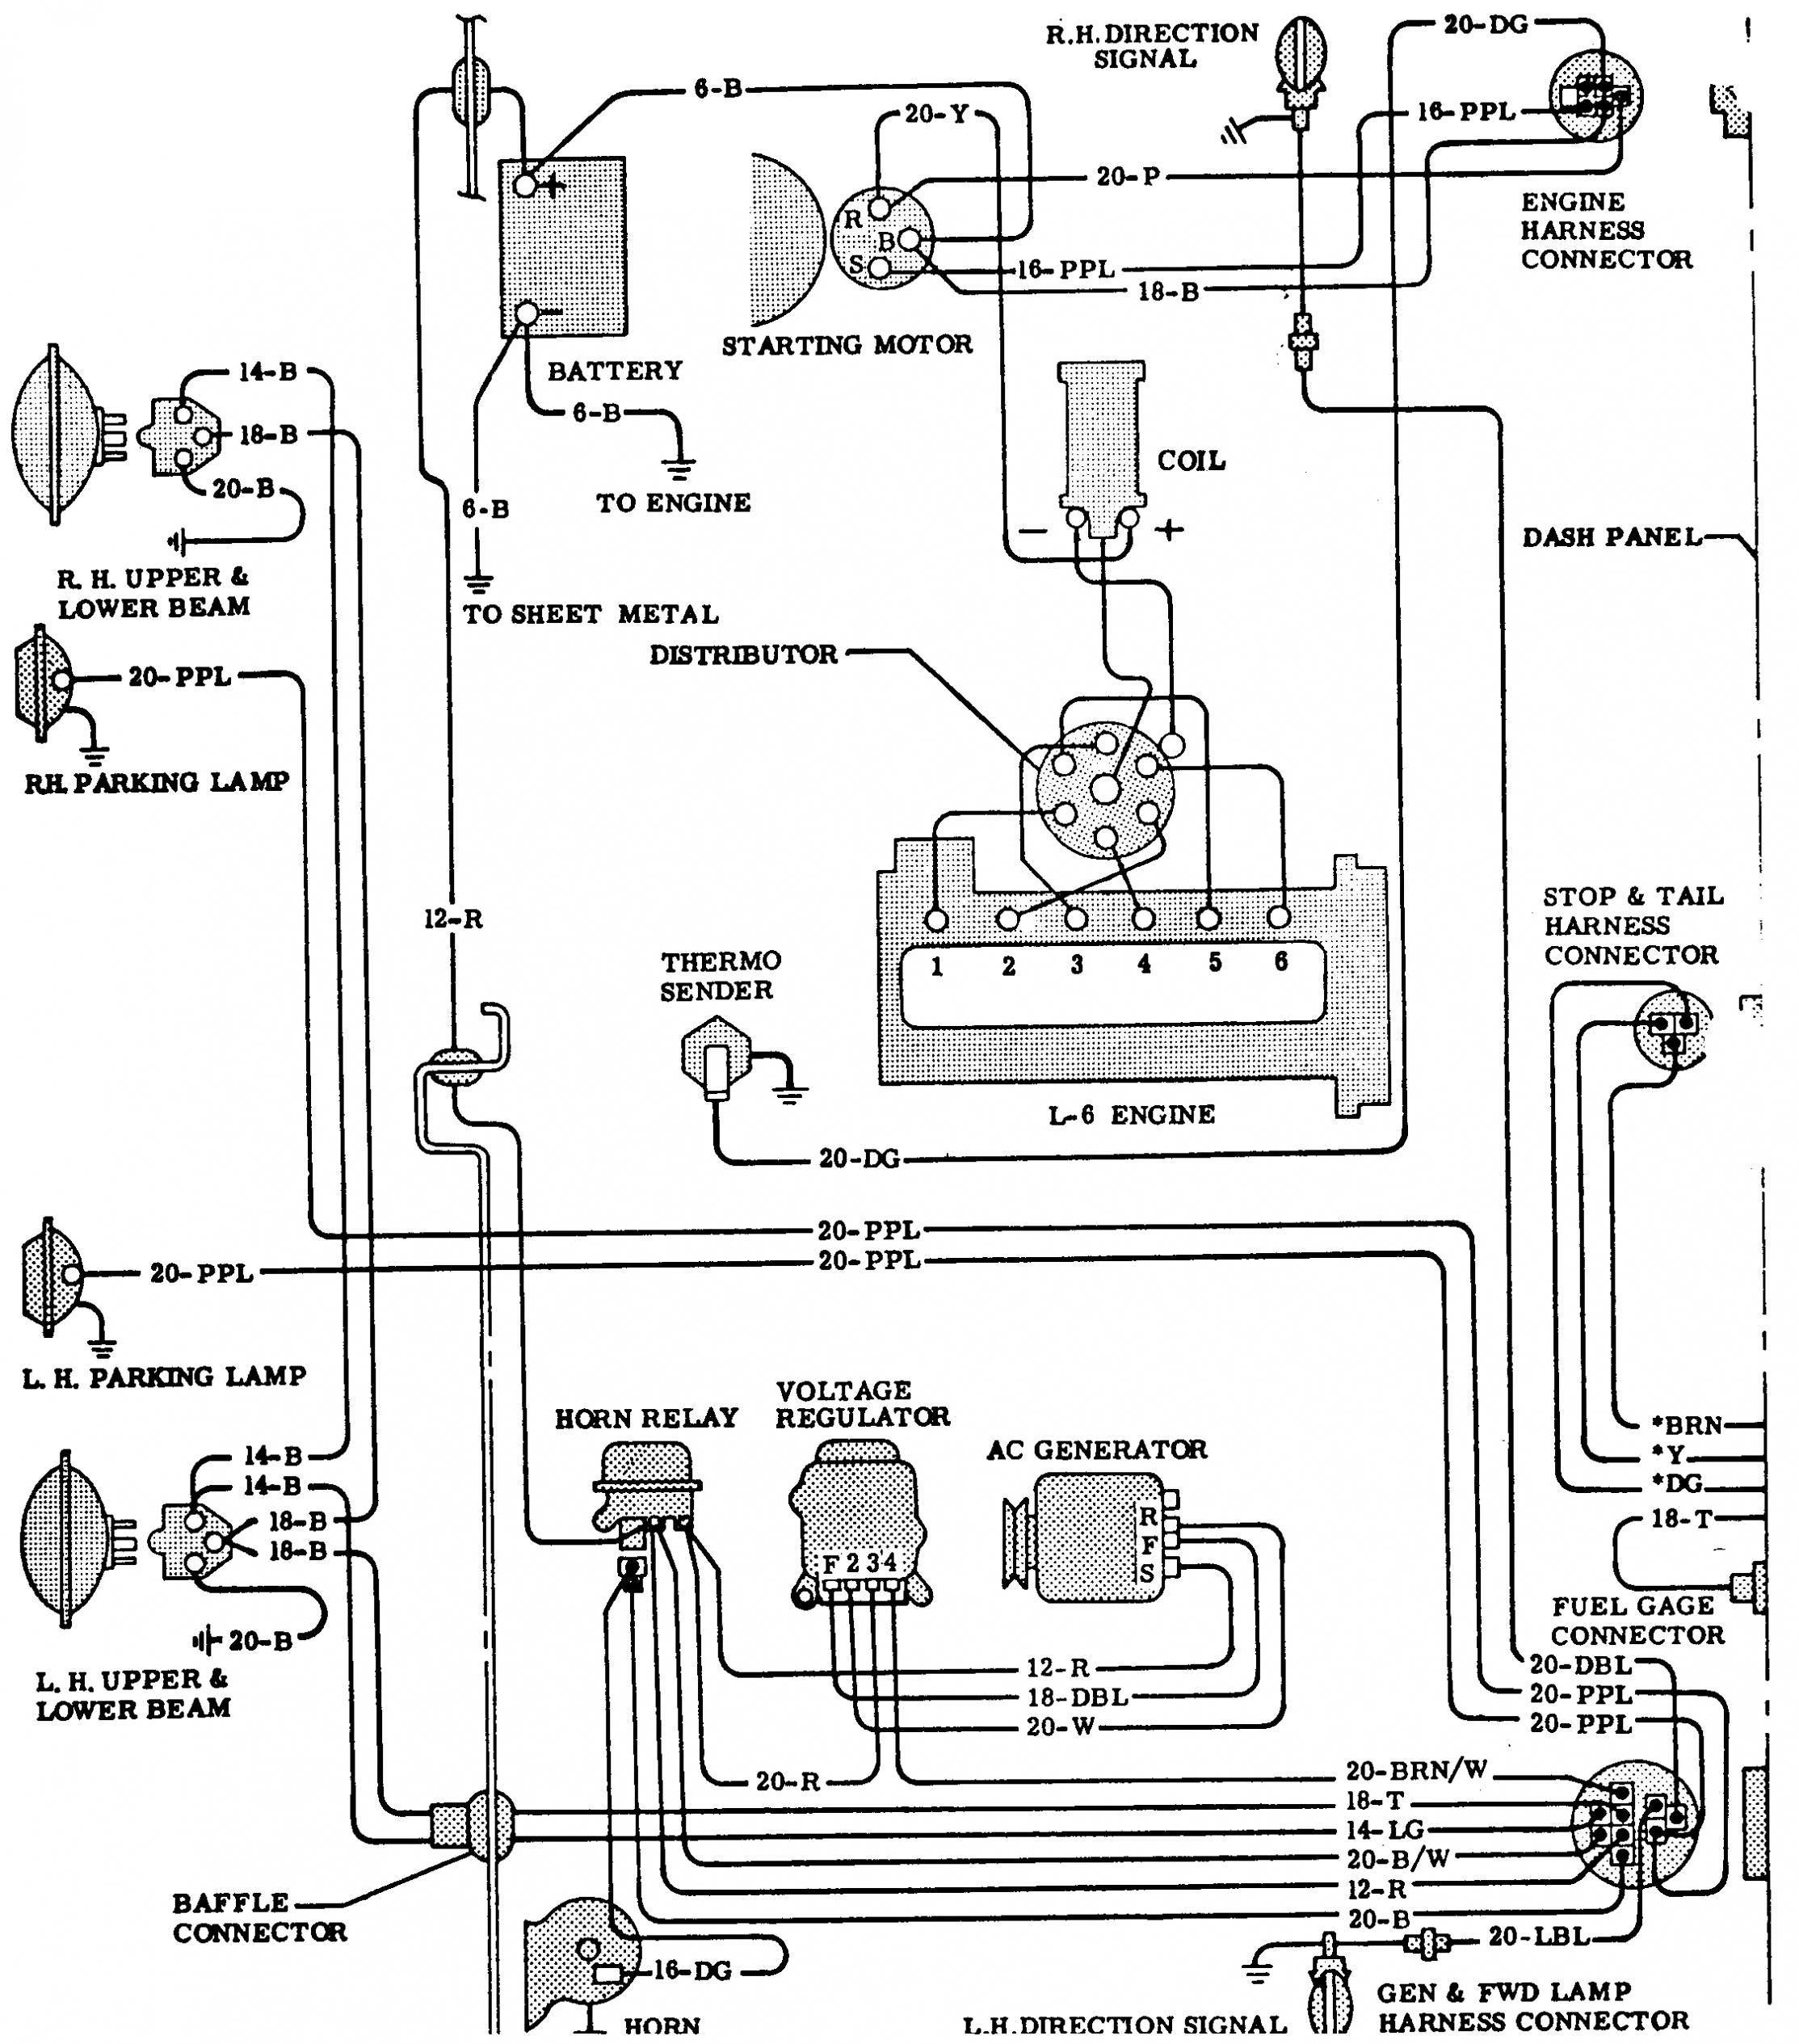 Chevy V6 Vortec Engine Diagram | Wiring Library - 4.3 Vortec Wiring Diagram